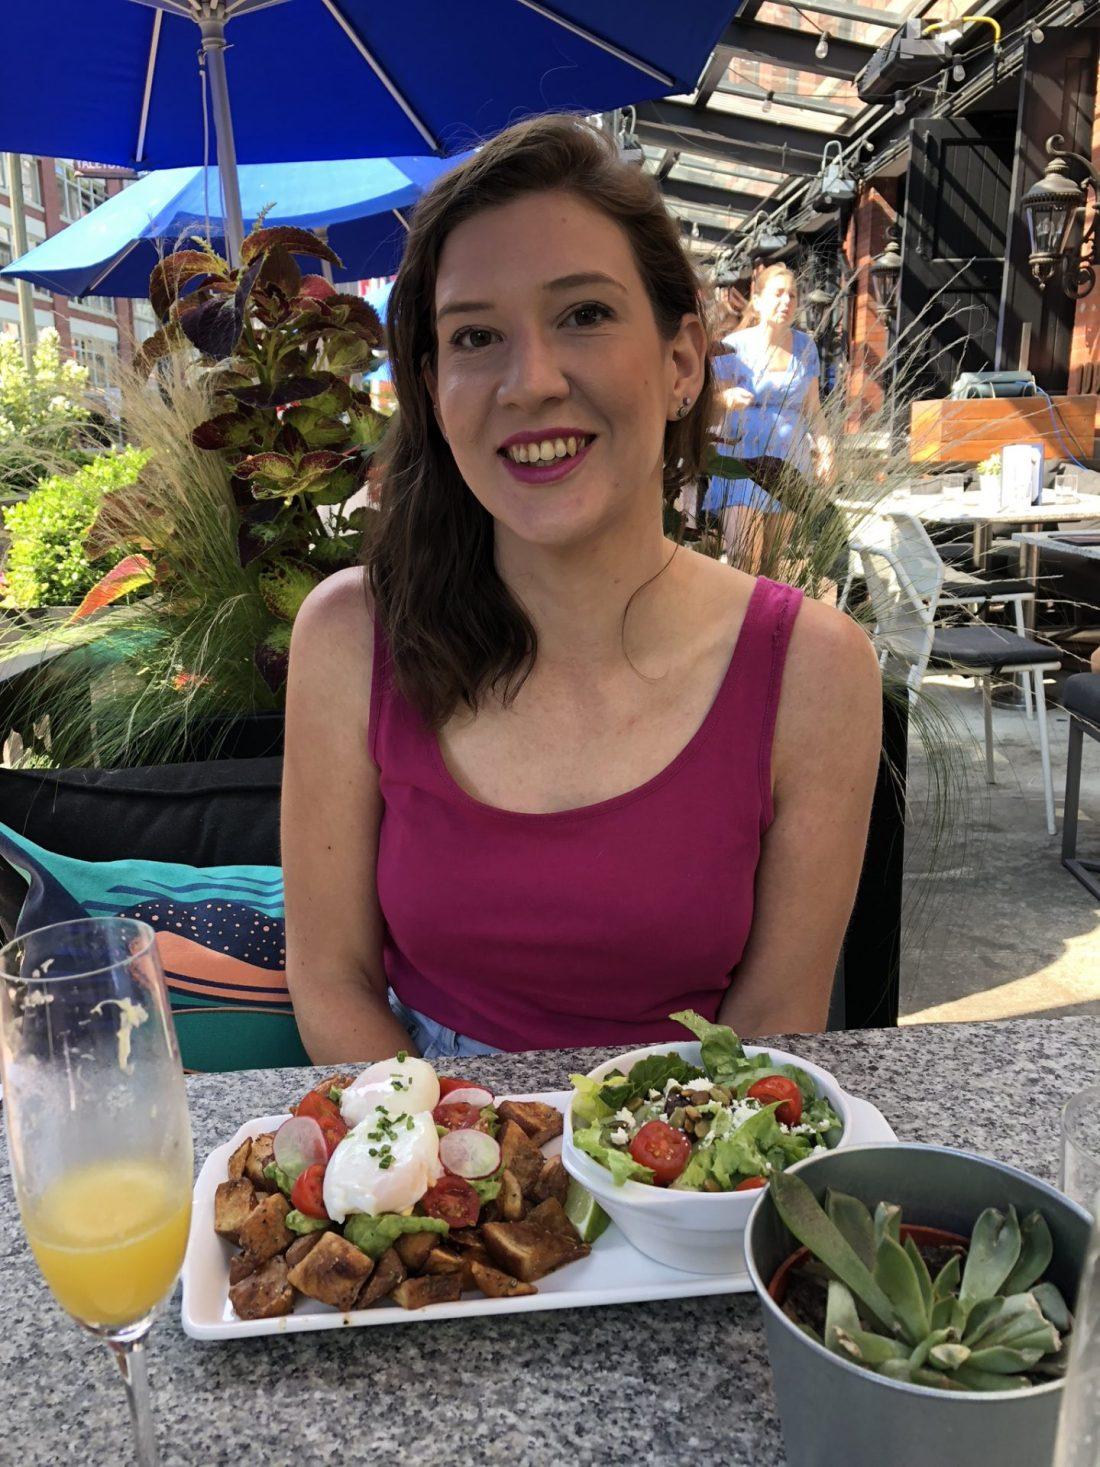 Best brunch in Vancouver: Earl's brunch happy hour